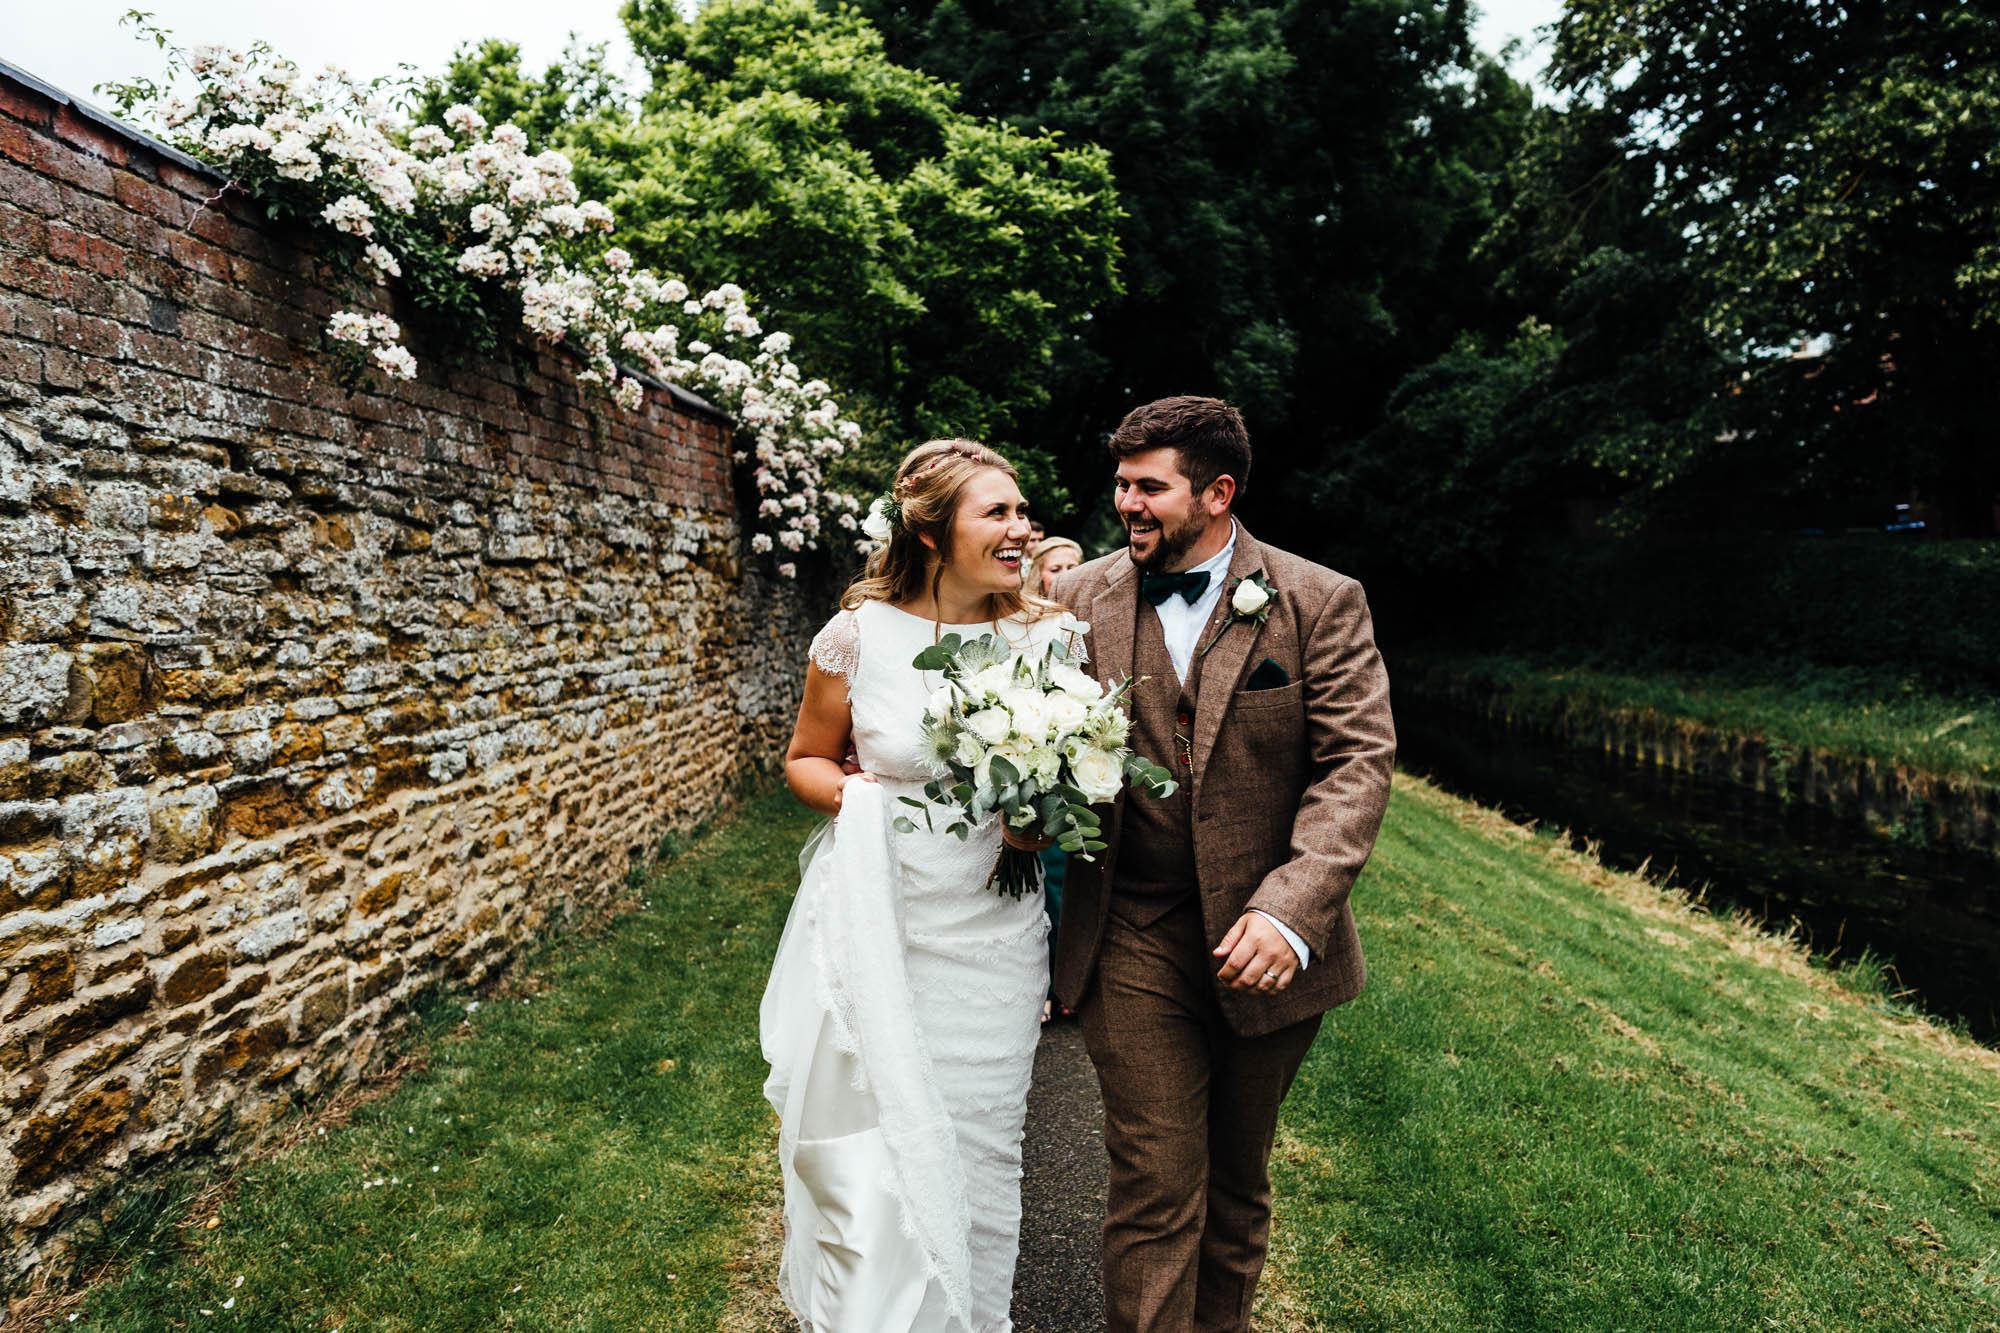 village-fete-wedding-37